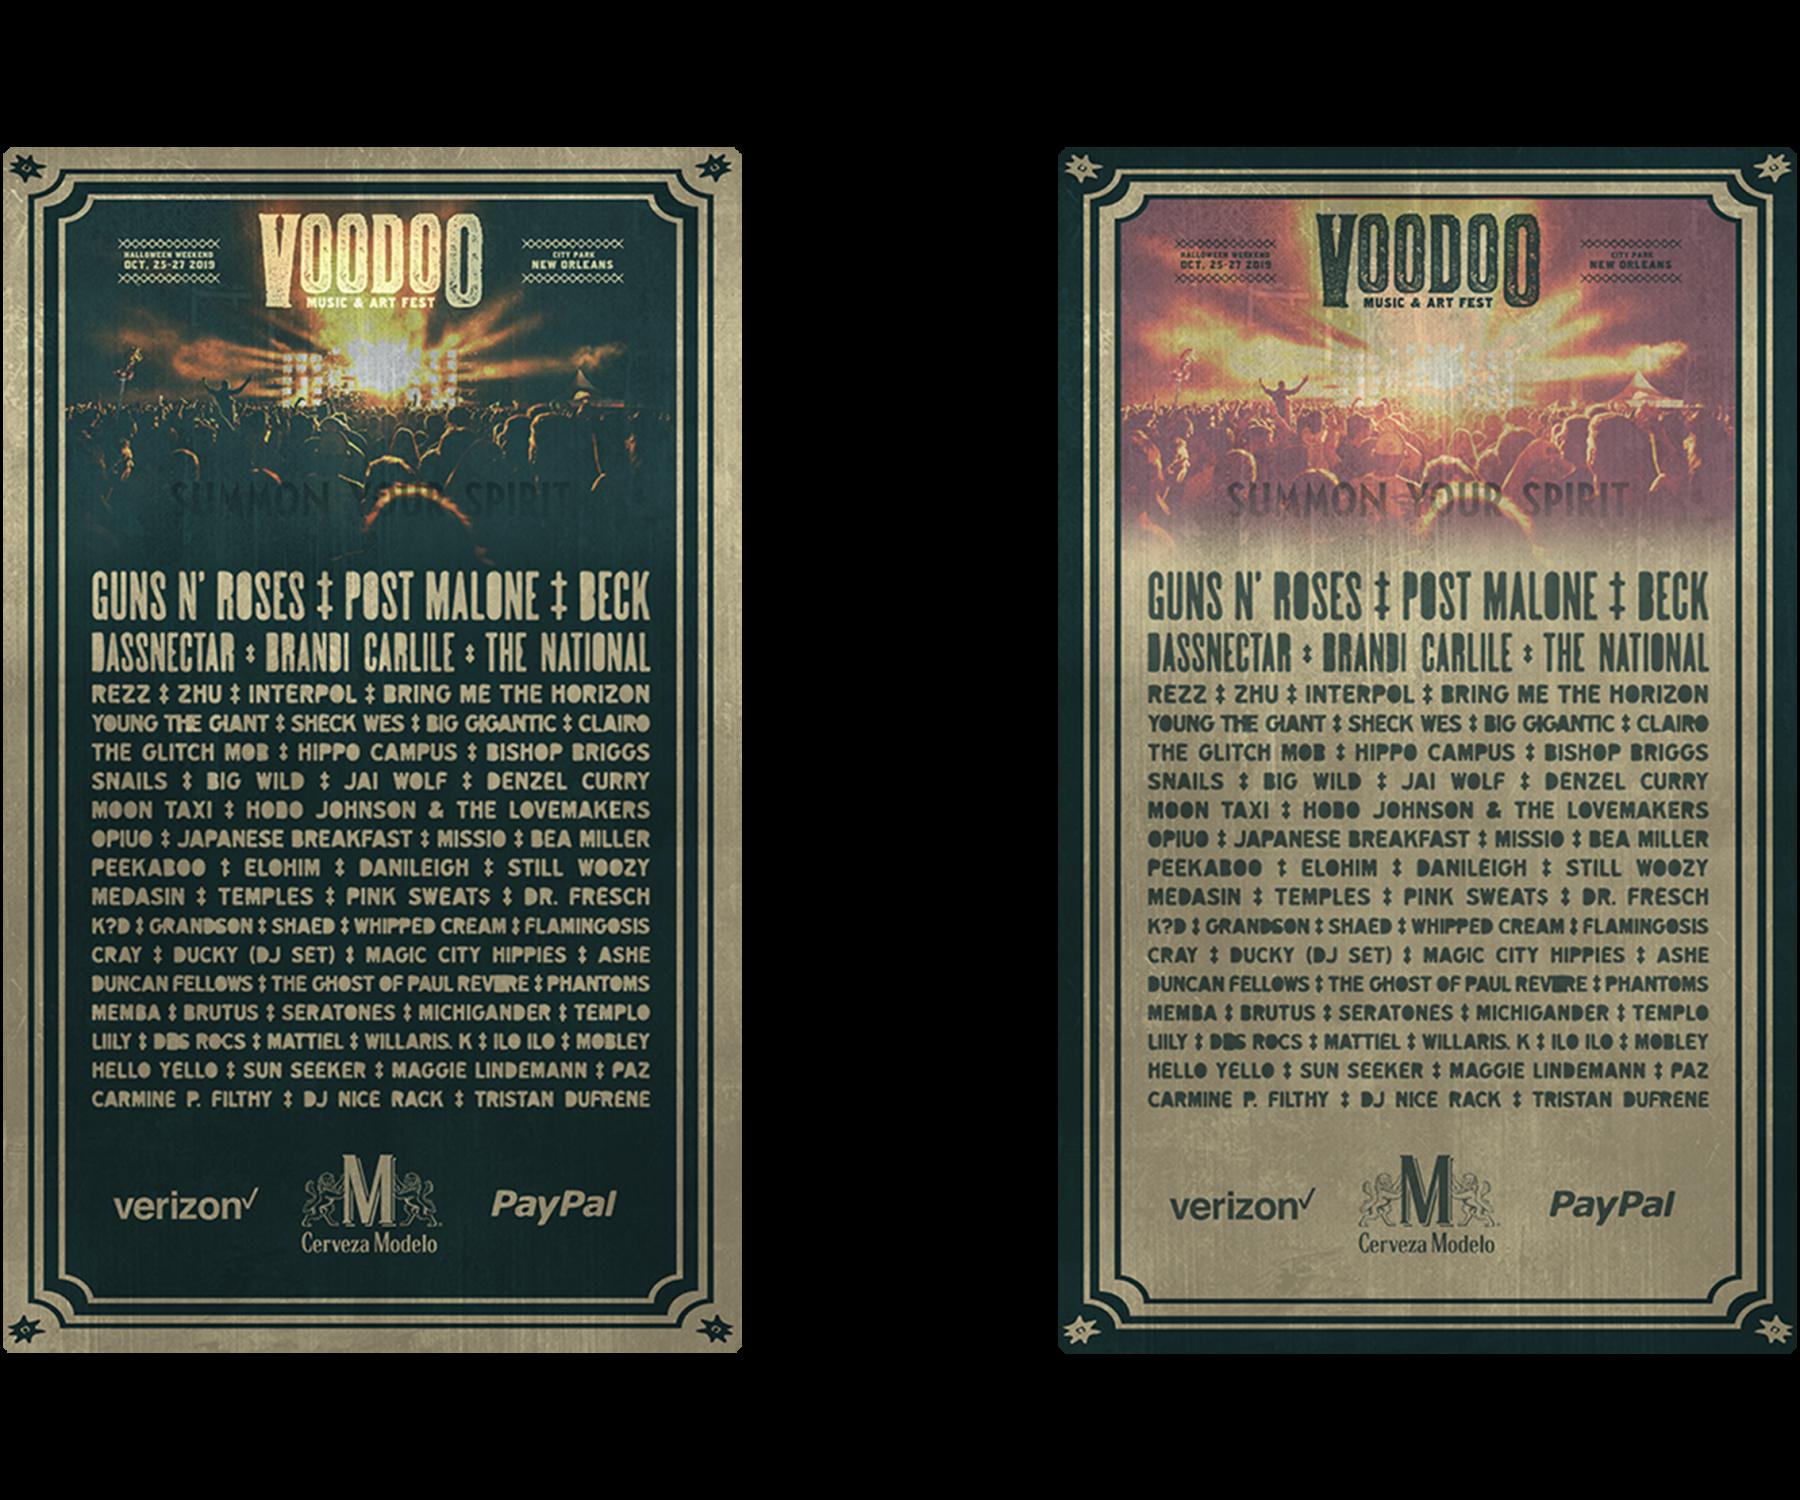 Voodoo-poster@2x